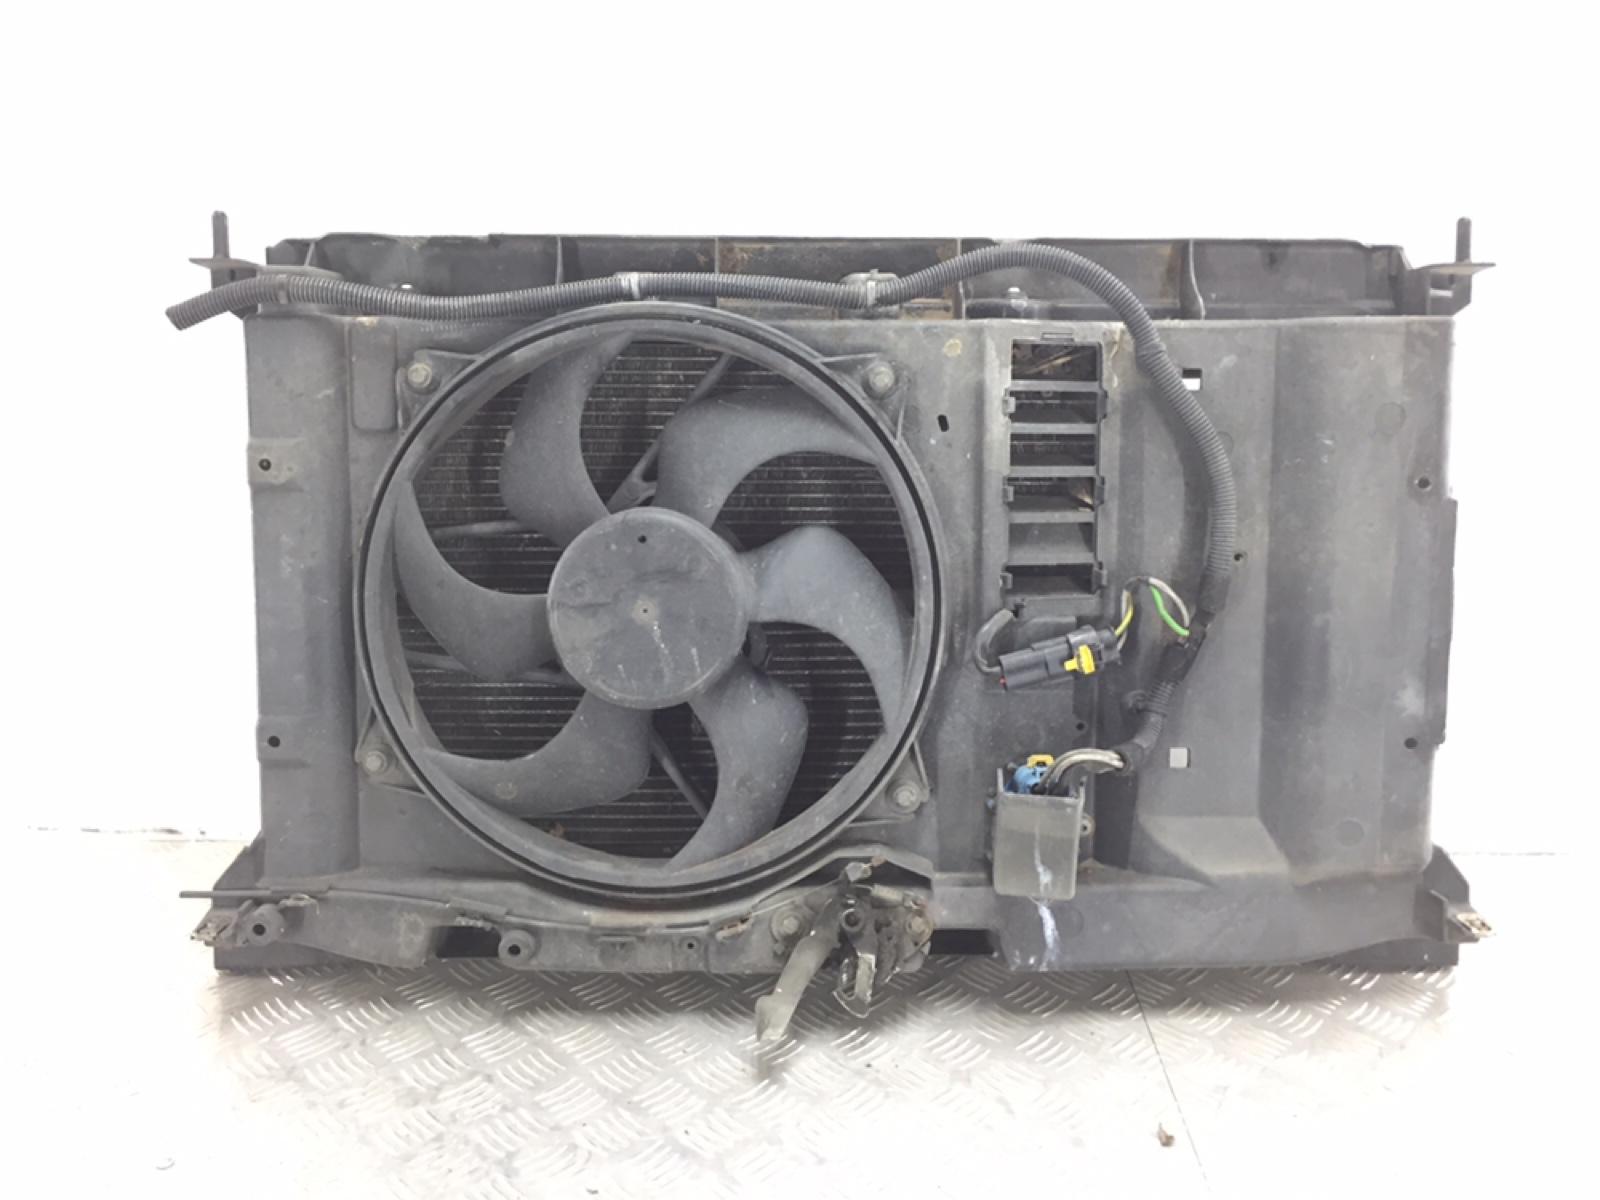 Кассета радиаторов Peugeot 307 1.6 I 2007 (б/у)